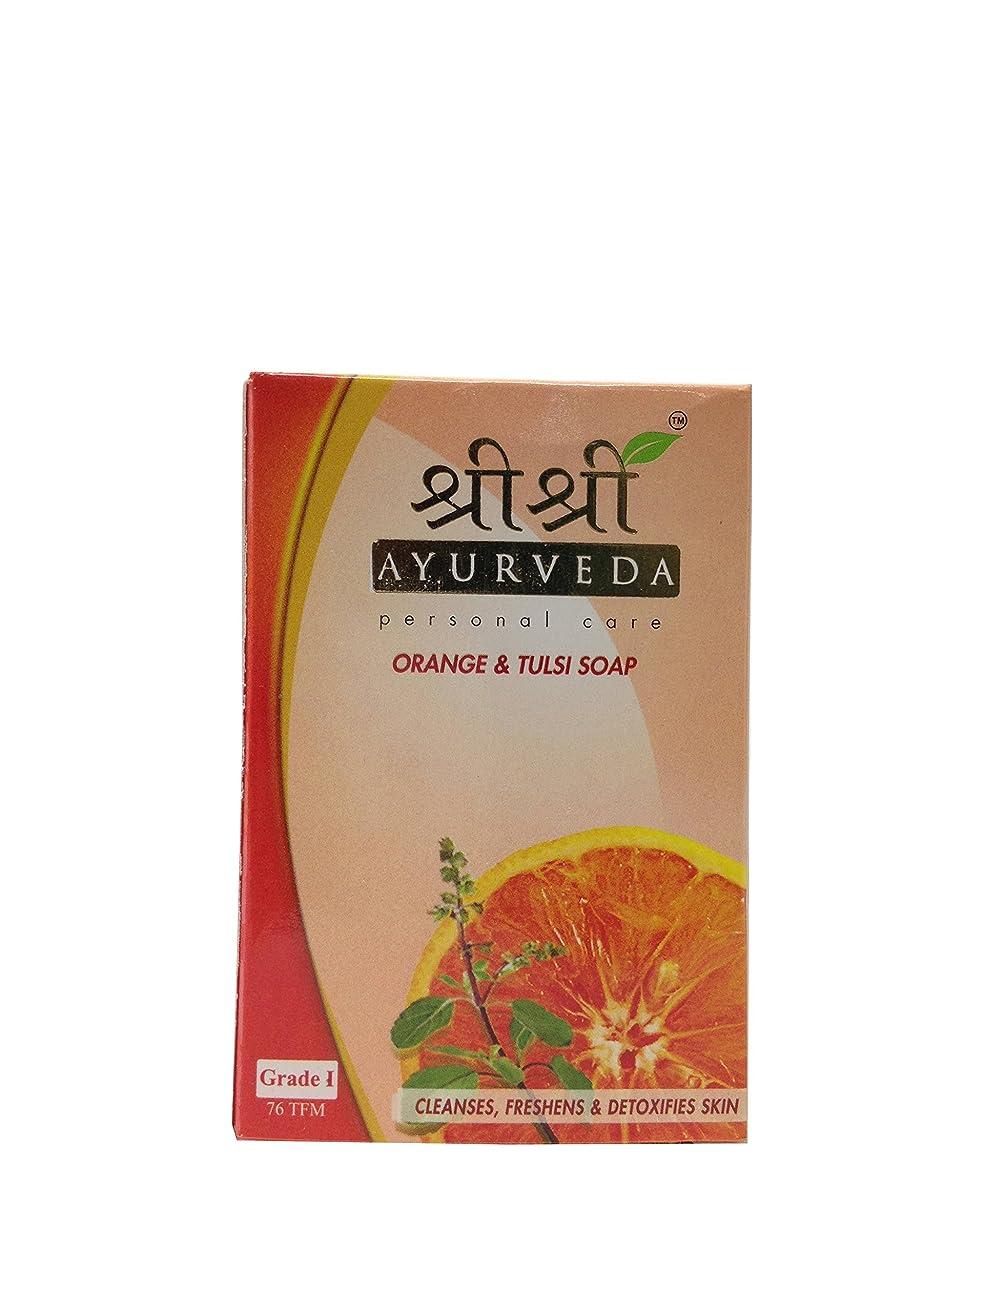 ドラゴンキャンドルこするSri Sri Ayurveda Orange & Tulsi Soap 100g…